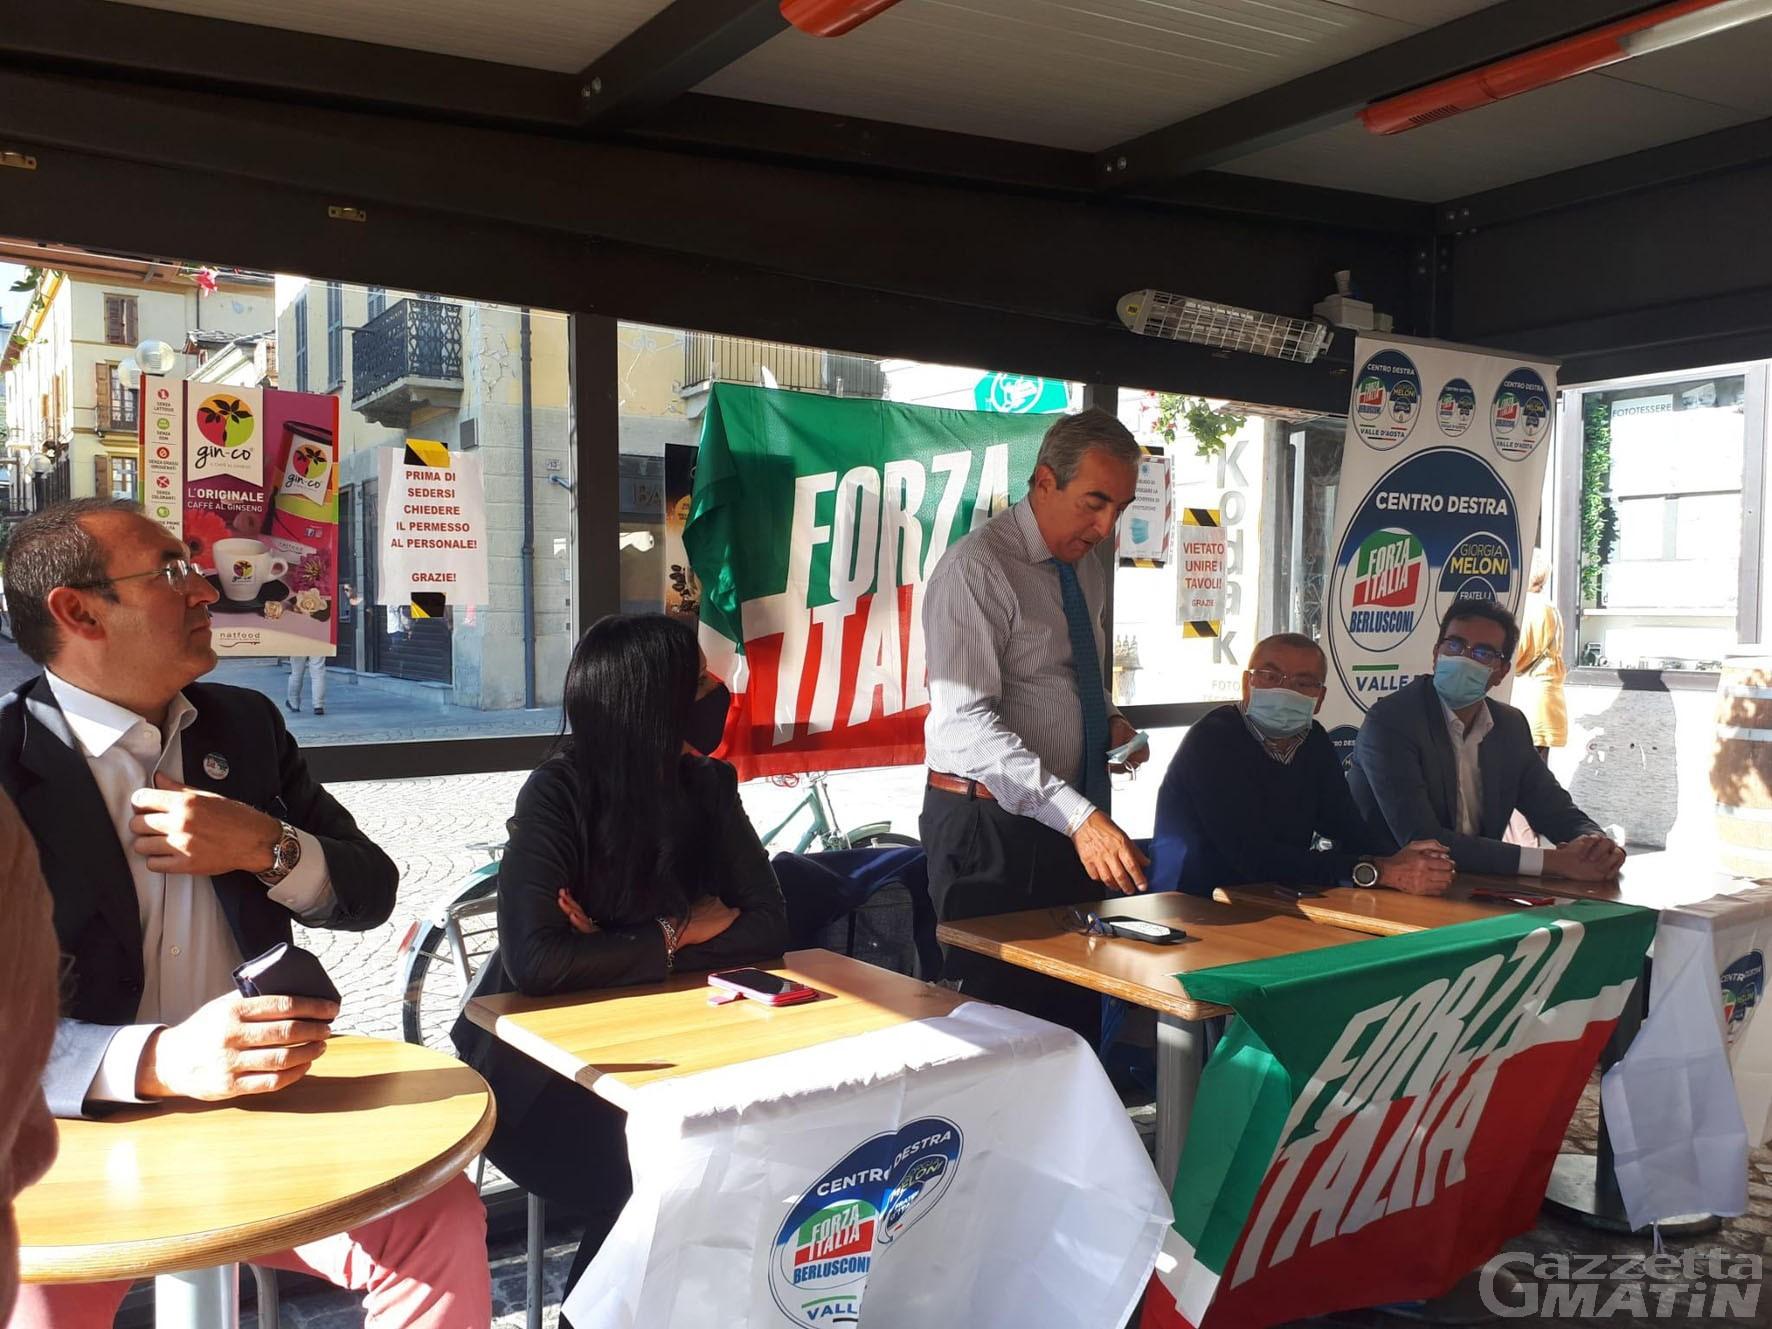 Regione: Forza Italia denuncia l'immobilismo della maggioranza